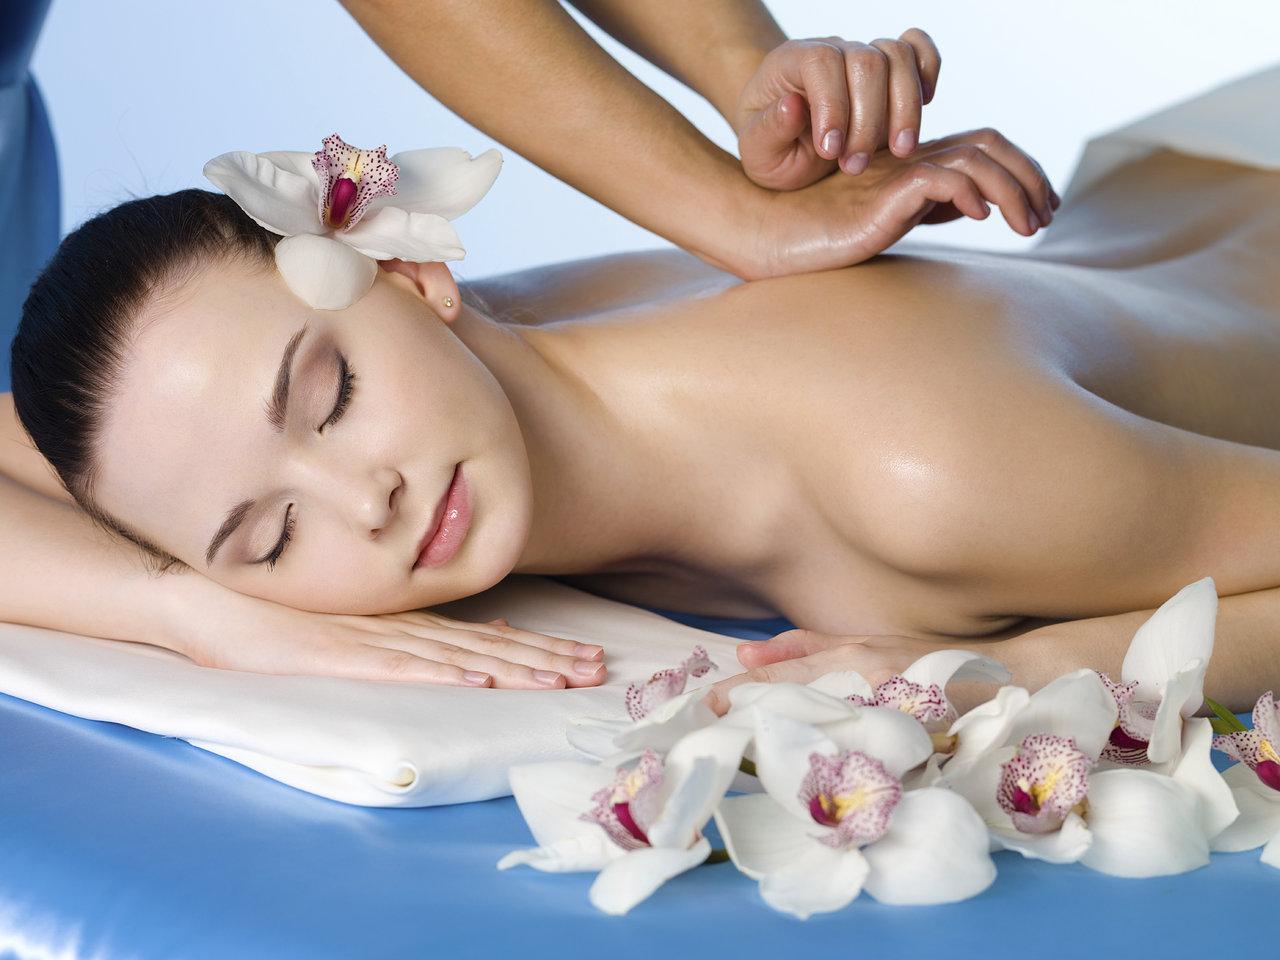 Massaggio californiano: cos'è, a chi è adatto e come si esegue